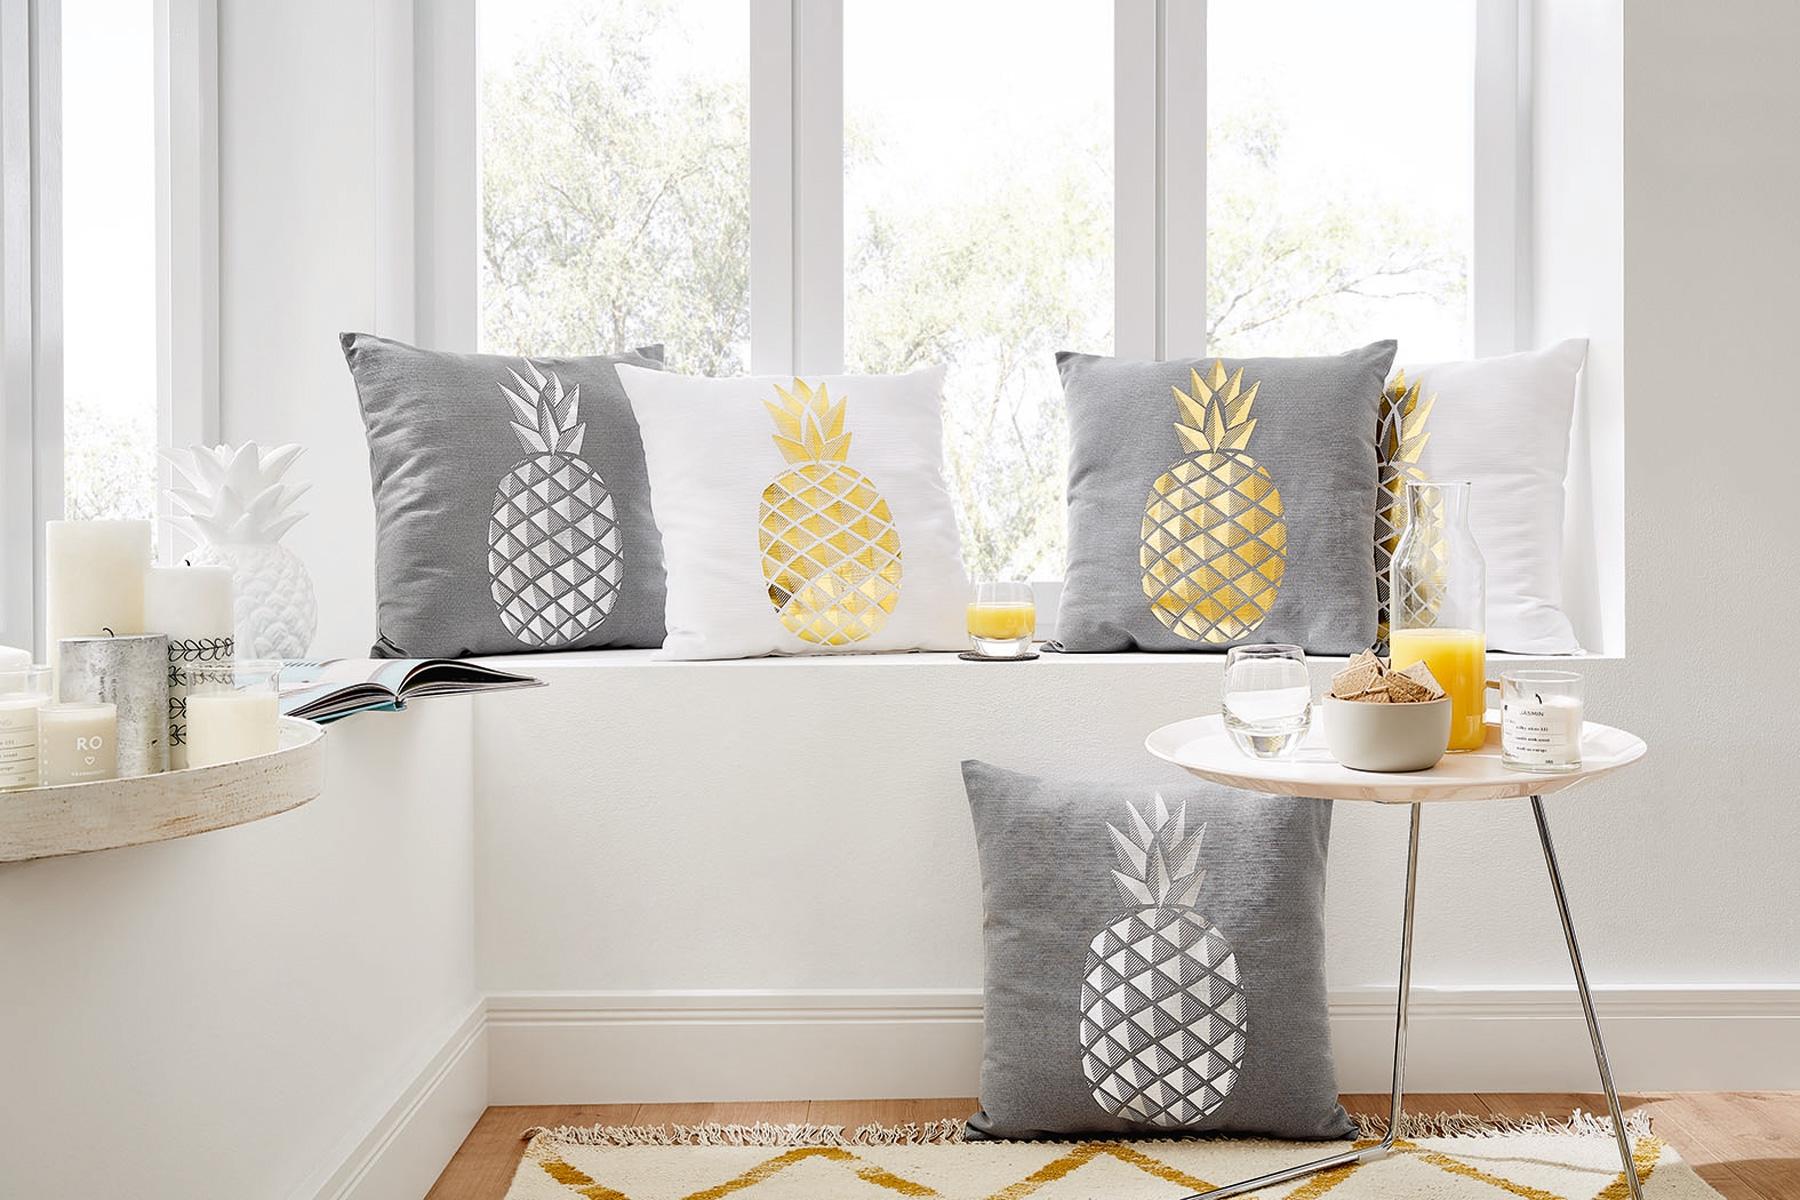 Wohndecken und Kissen - Sun Garden Dekokissen Kuschelkissen Ananas 45x45 cm gefüllt  - Onlineshop PremiumShop321